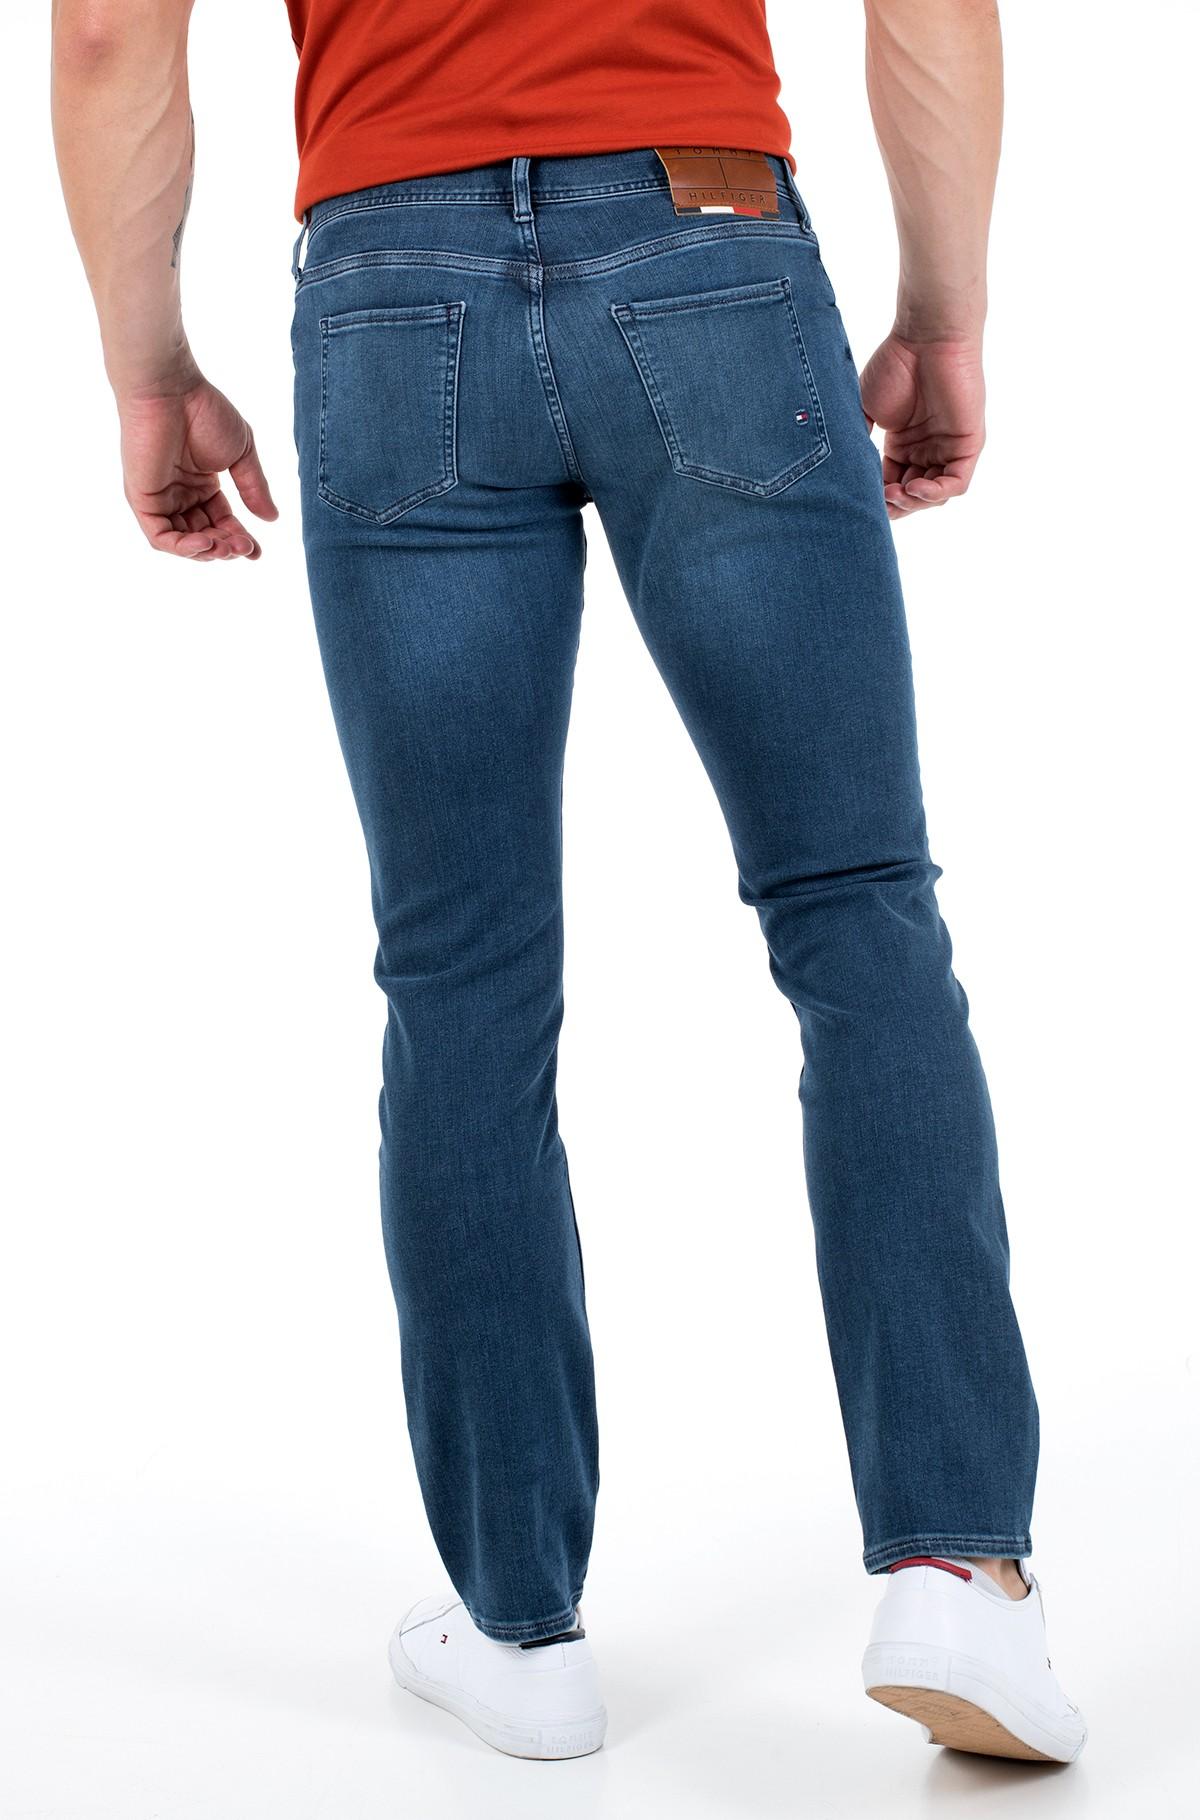 Jeans SLIM BLEECKER HSTR INVER BLUE-full-2